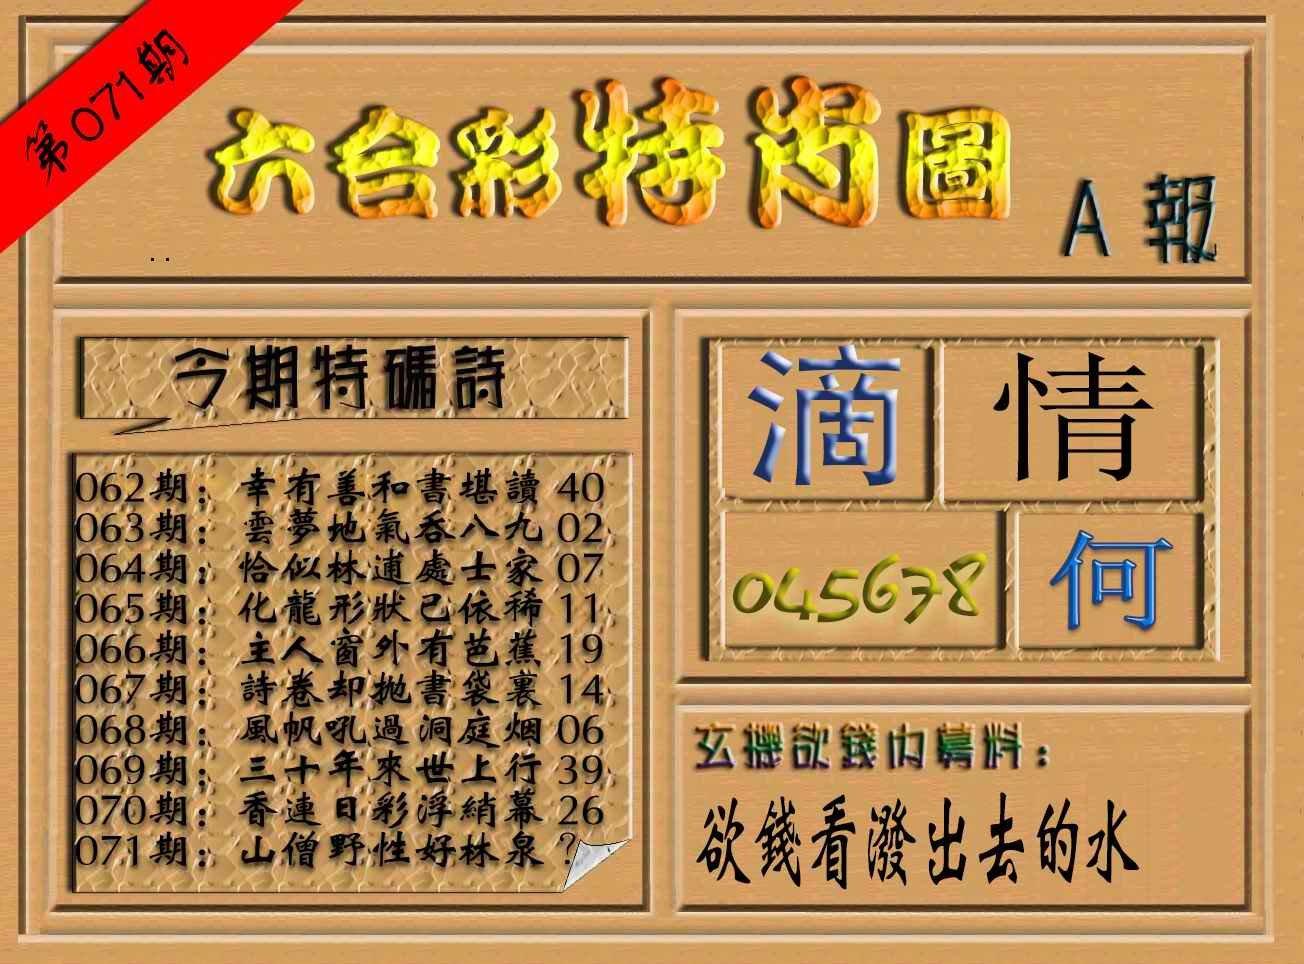 071期六合彩特肖图(A报)